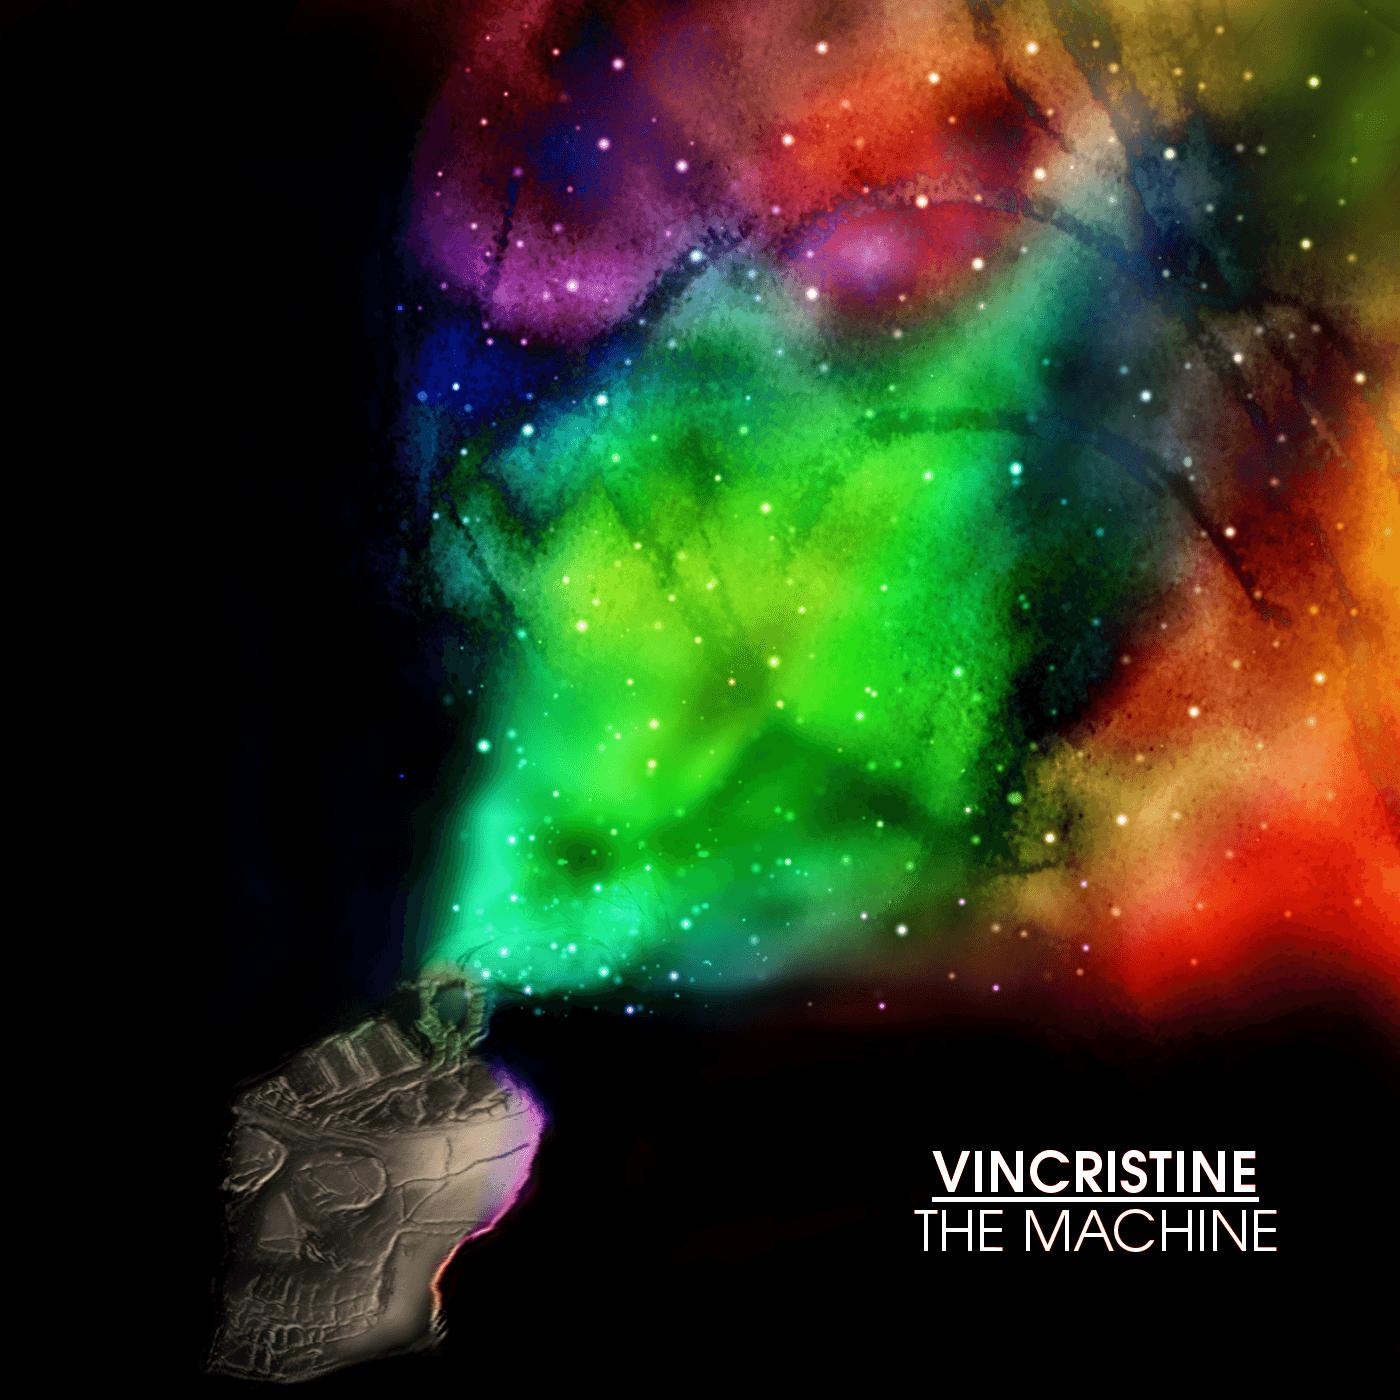 The-Machine-album-art